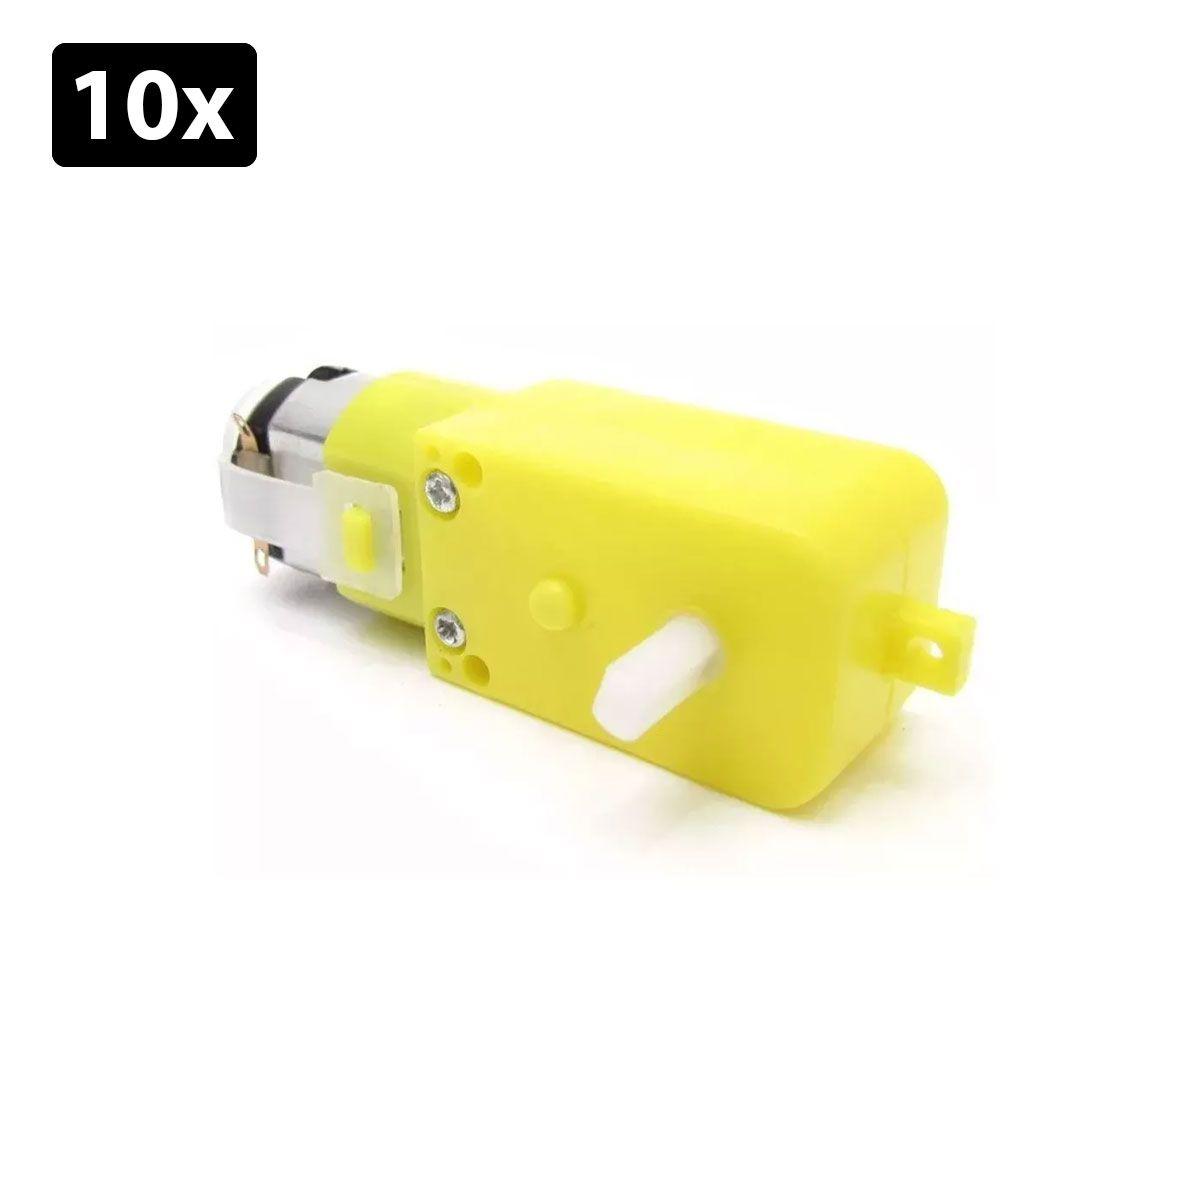 Kit com 10x Motor DC 3 a 6v com Redução